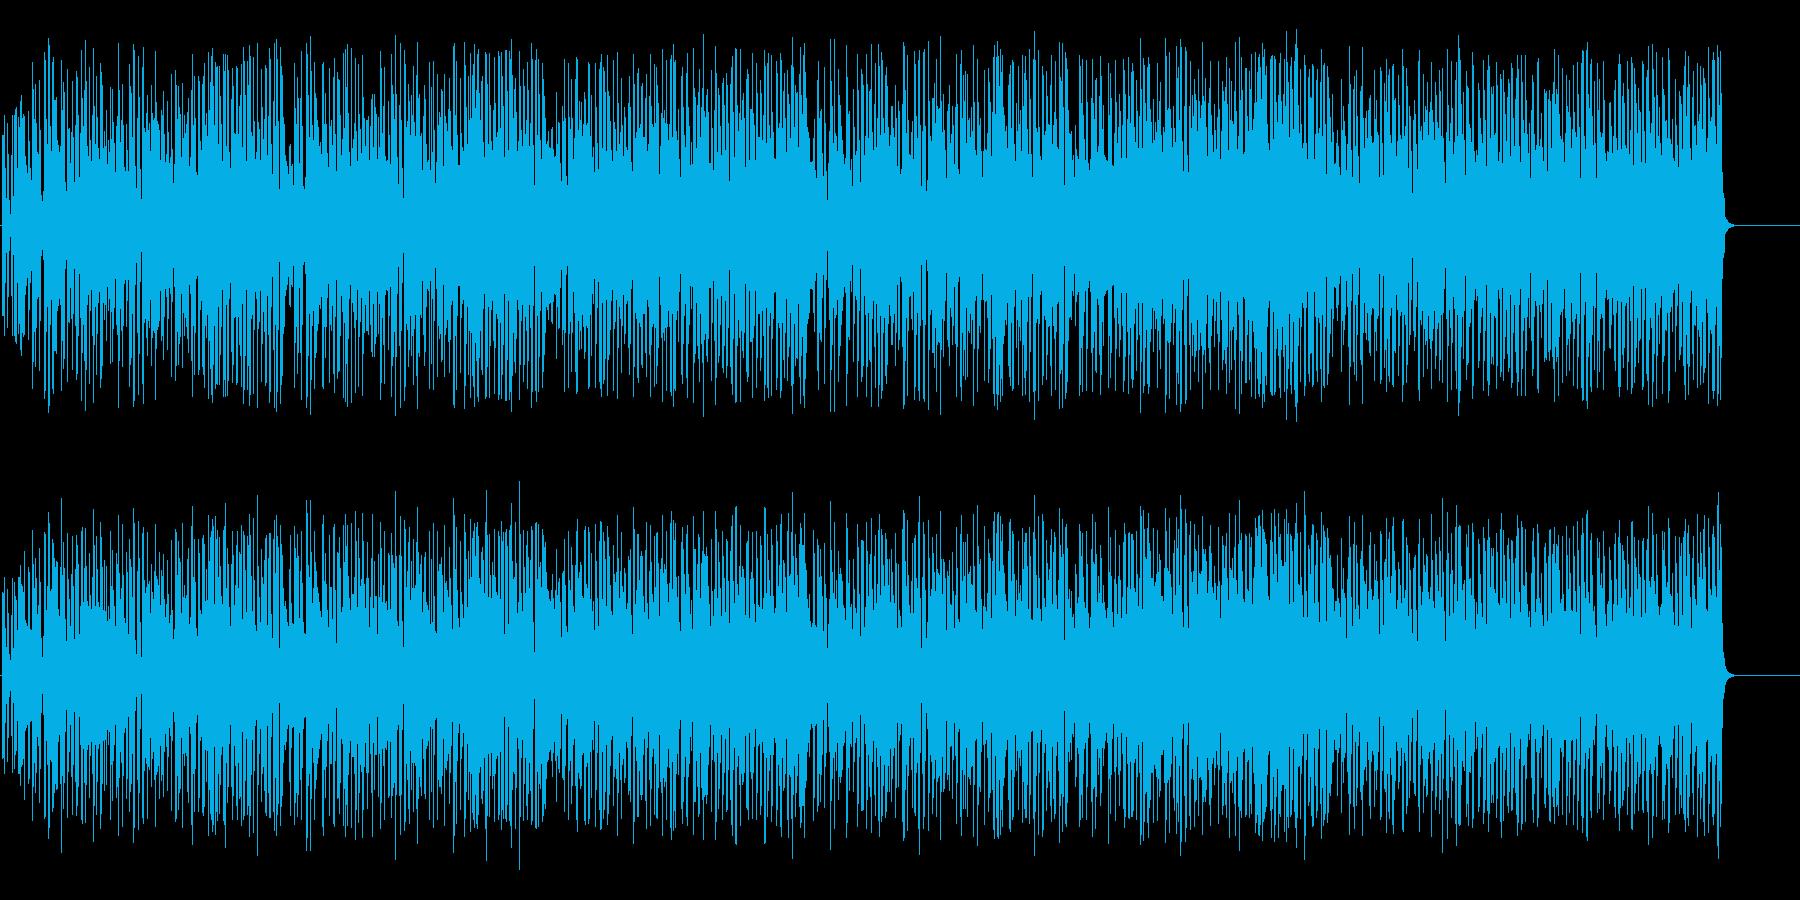 大人のリラックスしたジャズ/ラテンの再生済みの波形